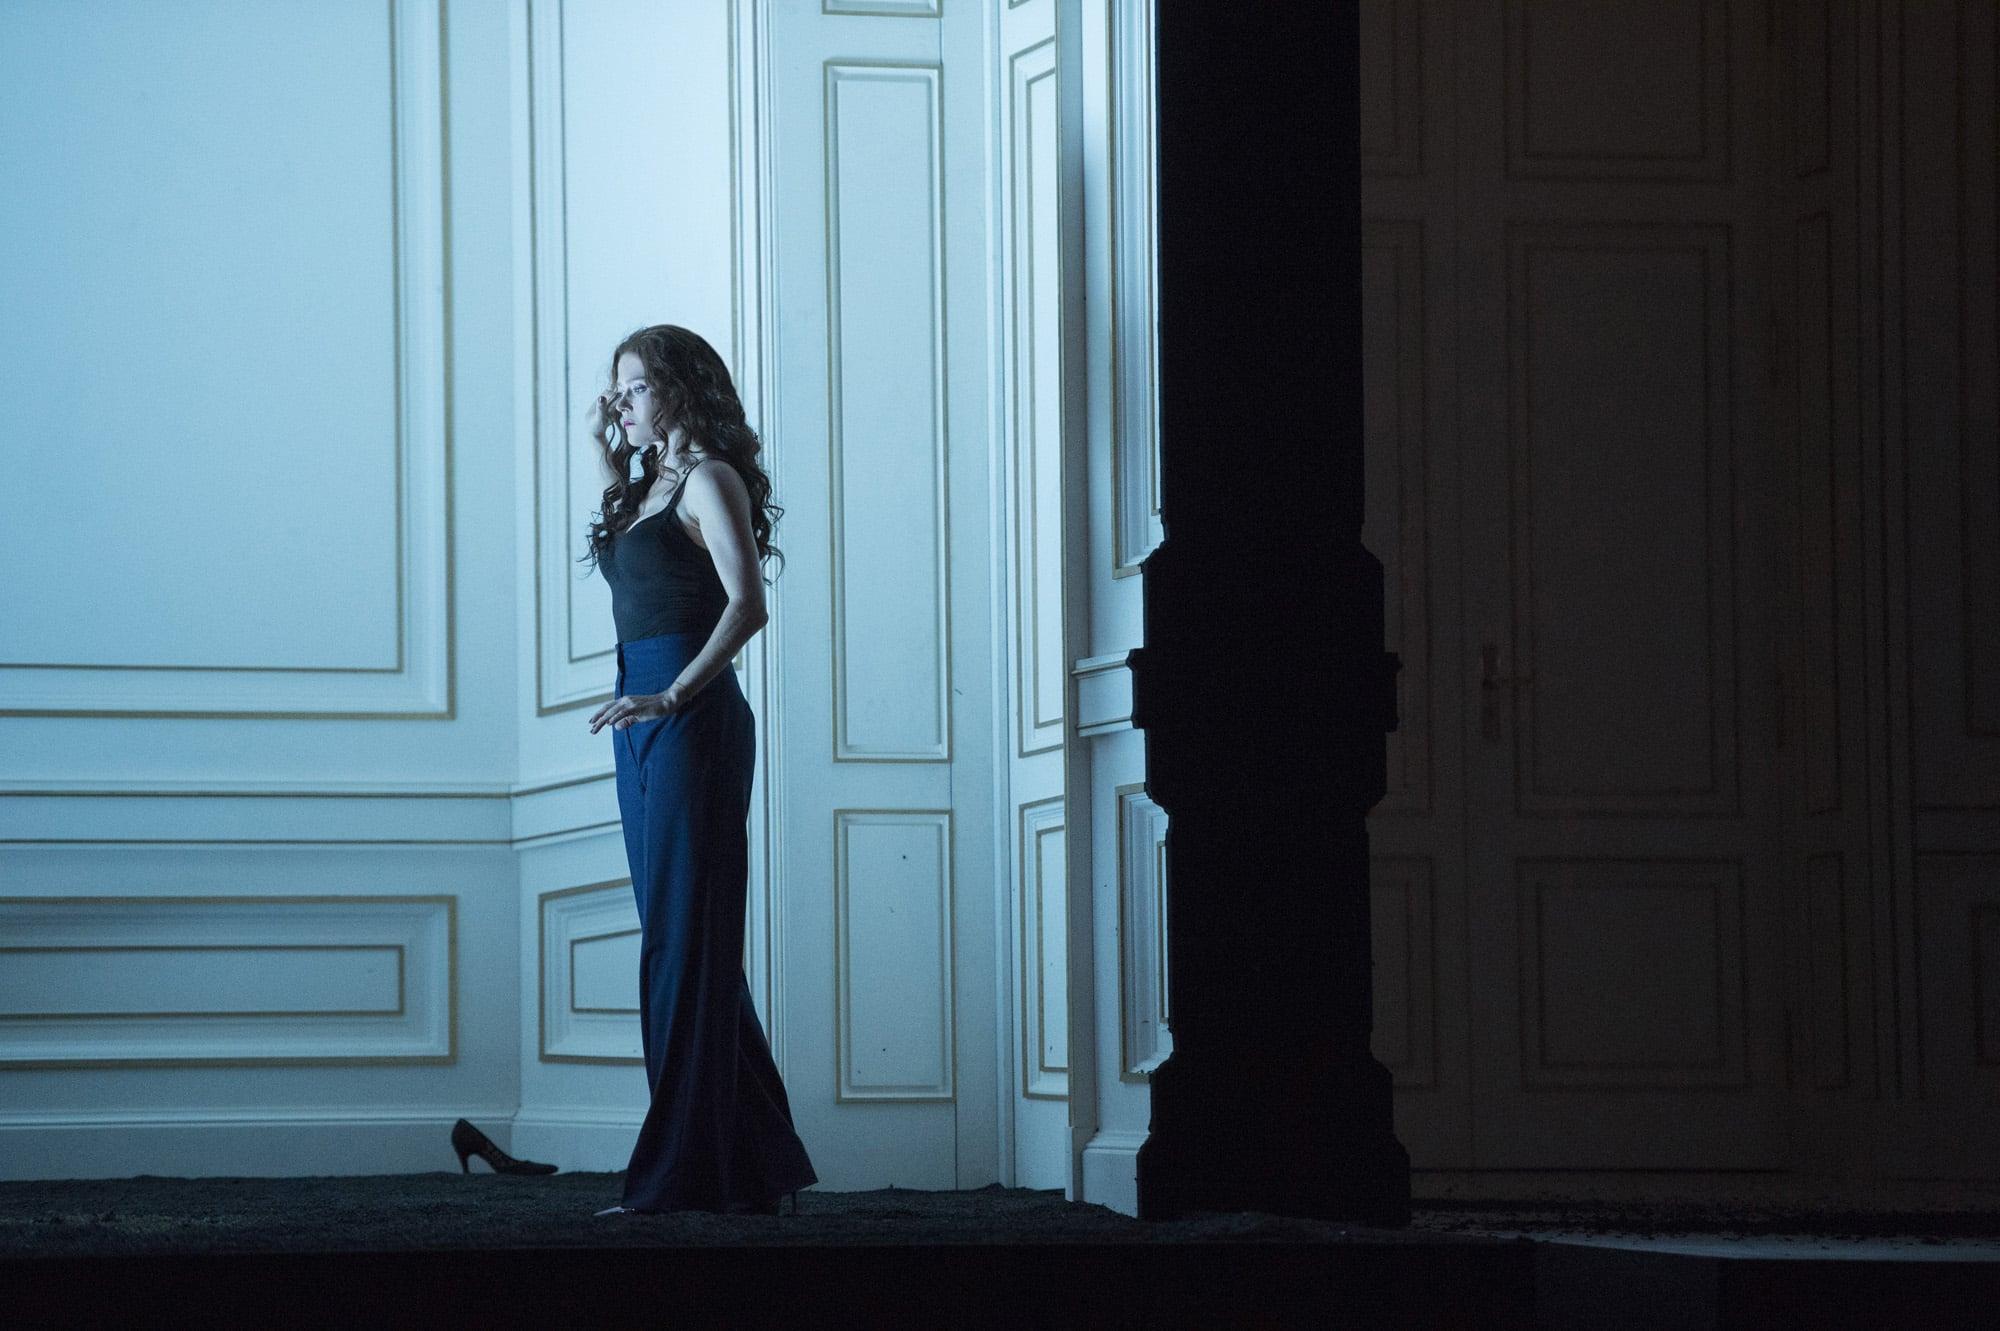 Monika_Rittershaus___Opera_national_de_Paris-Berenice-18.19-c-Monika-Rittershaus-OnP-30-